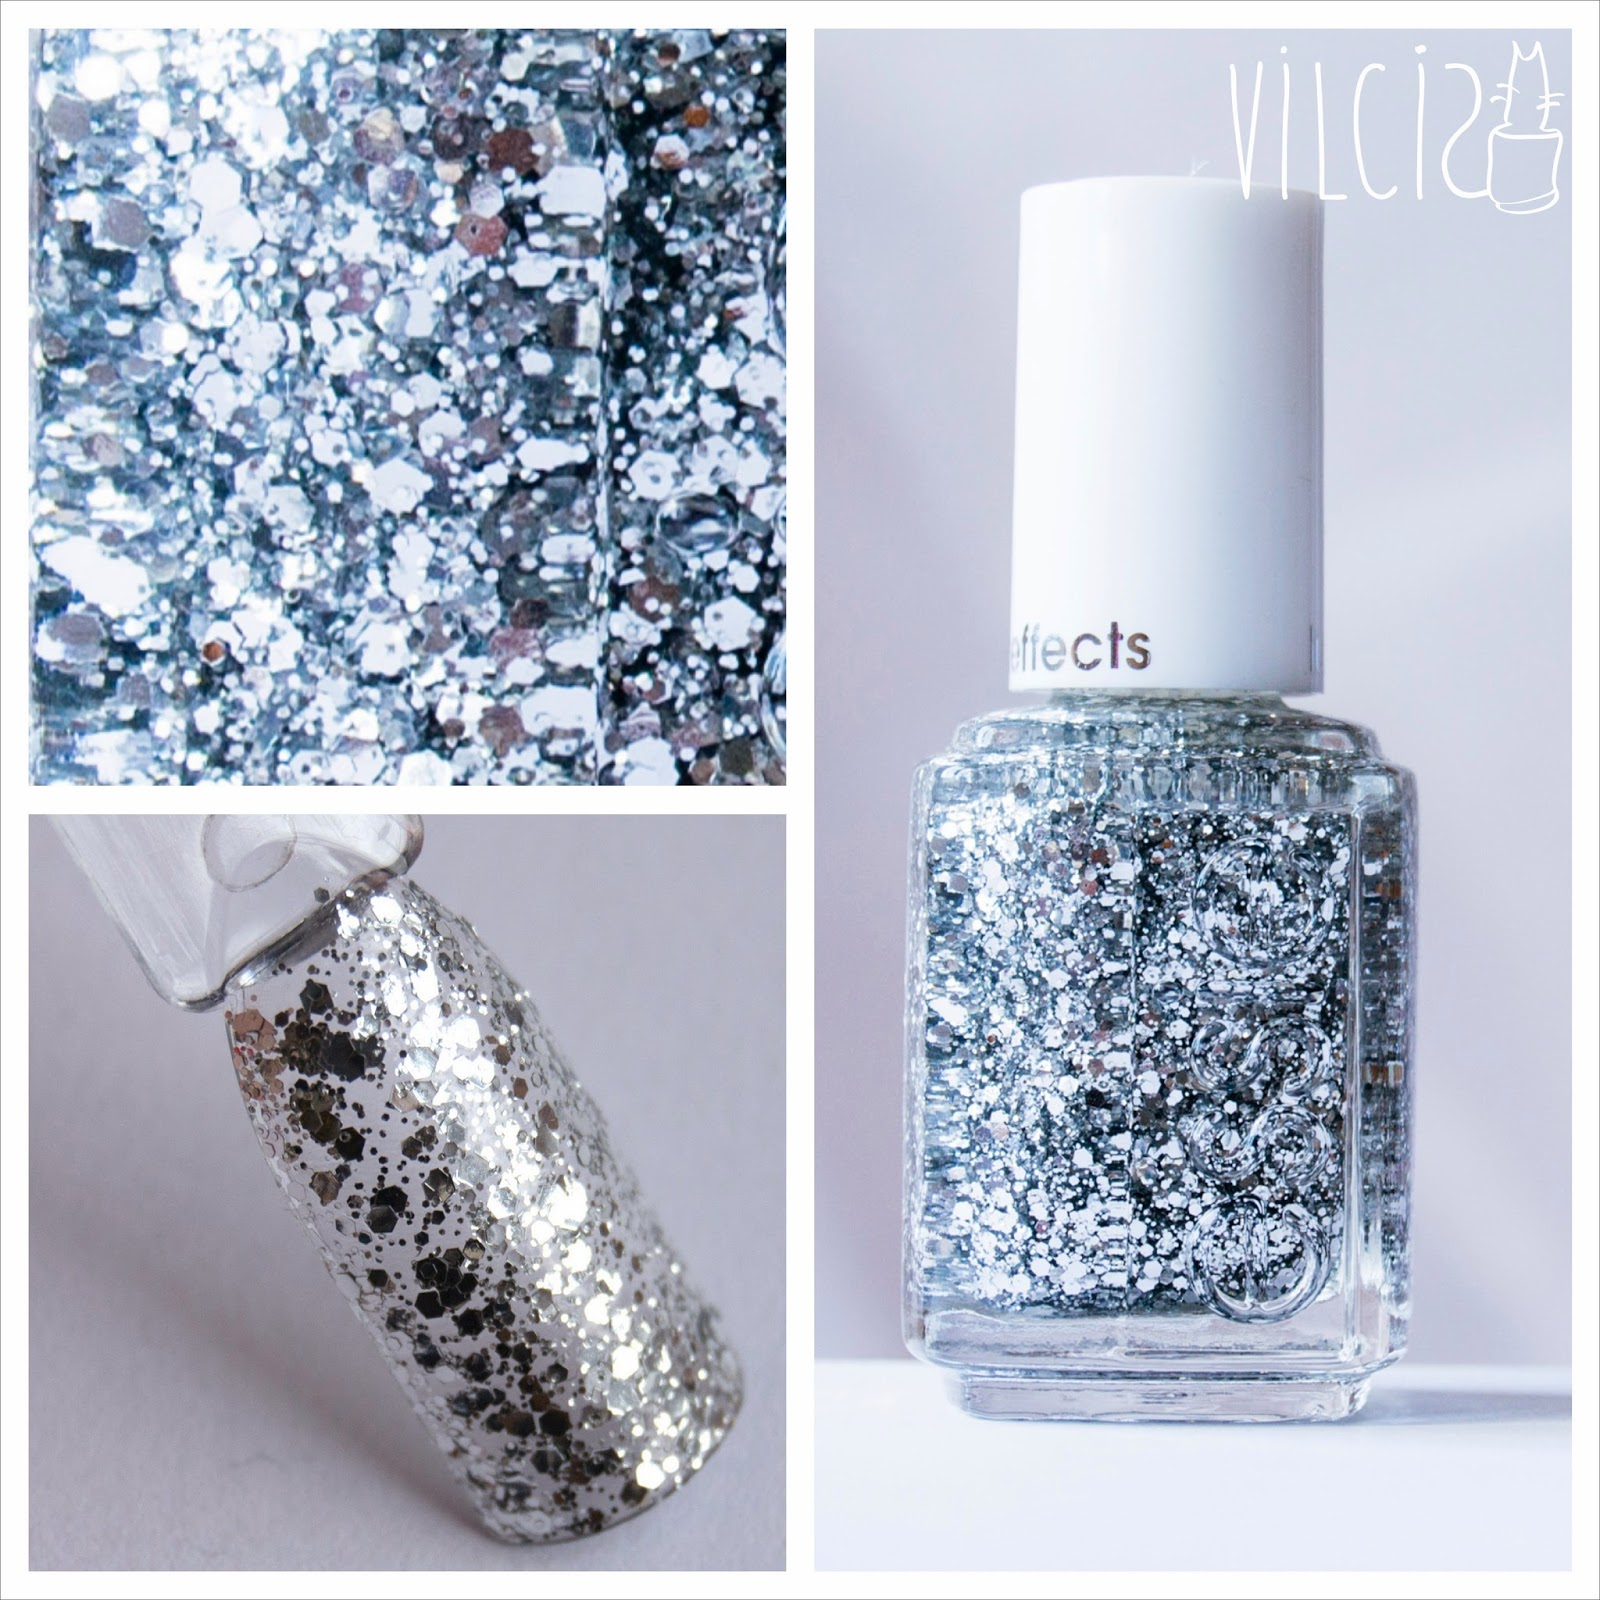 Vilcis nail designs: Últimas compras de esmaltes de purpurina: Essie ...